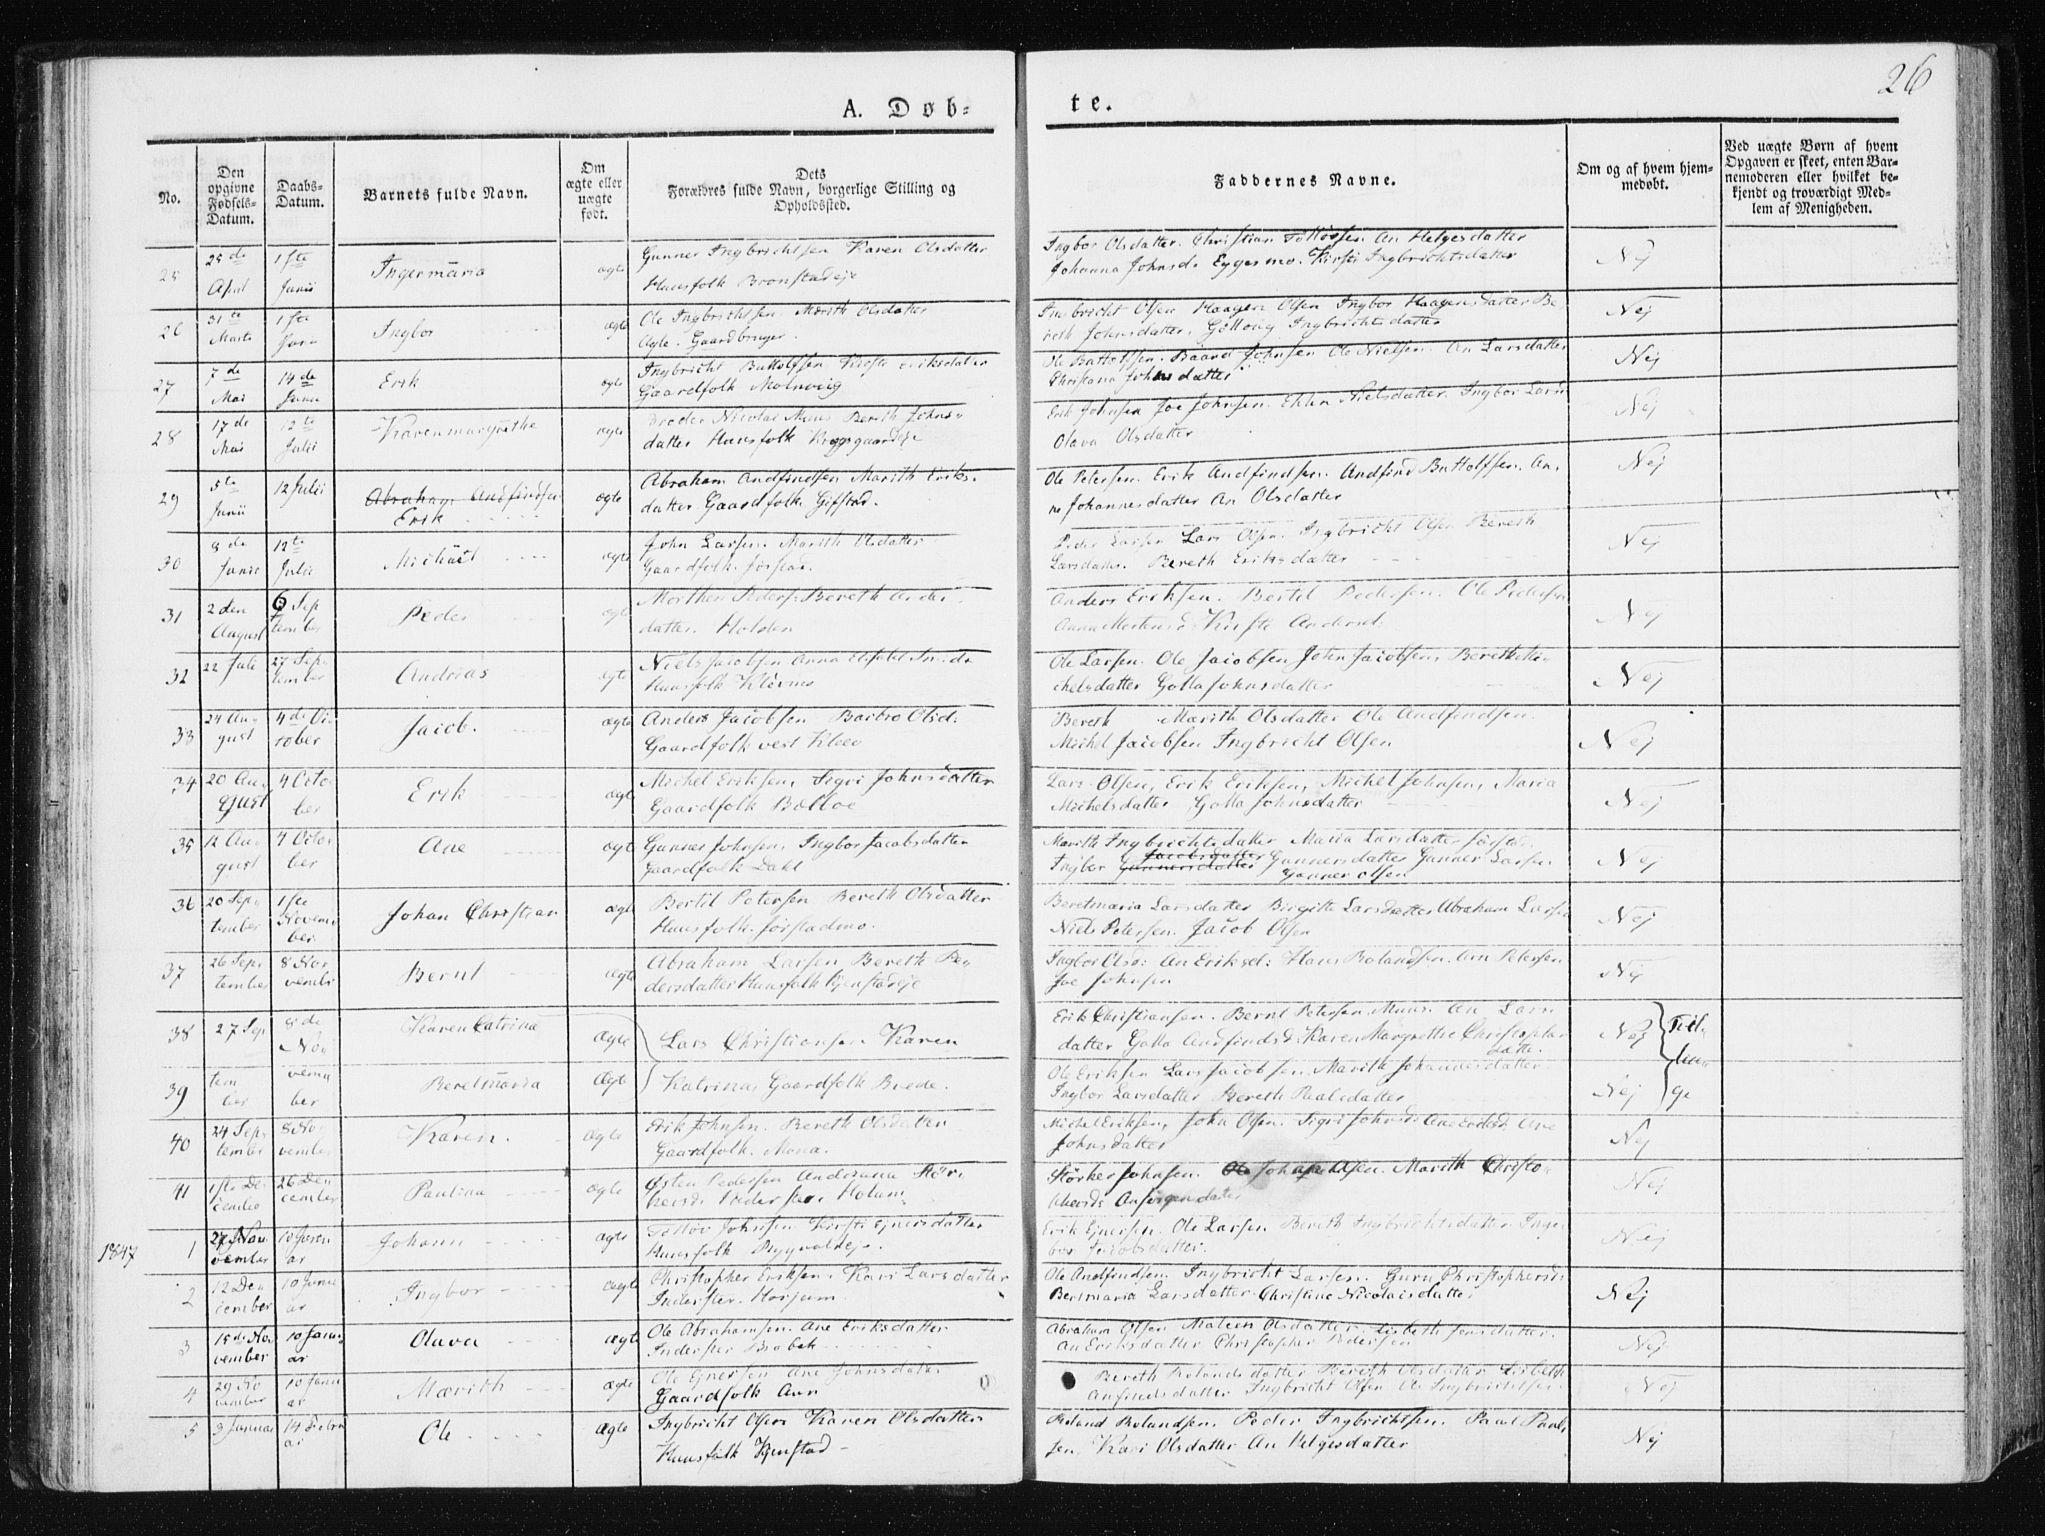 SAT, Ministerialprotokoller, klokkerbøker og fødselsregistre - Nord-Trøndelag, 749/L0470: Ministerialbok nr. 749A04, 1834-1853, s. 26